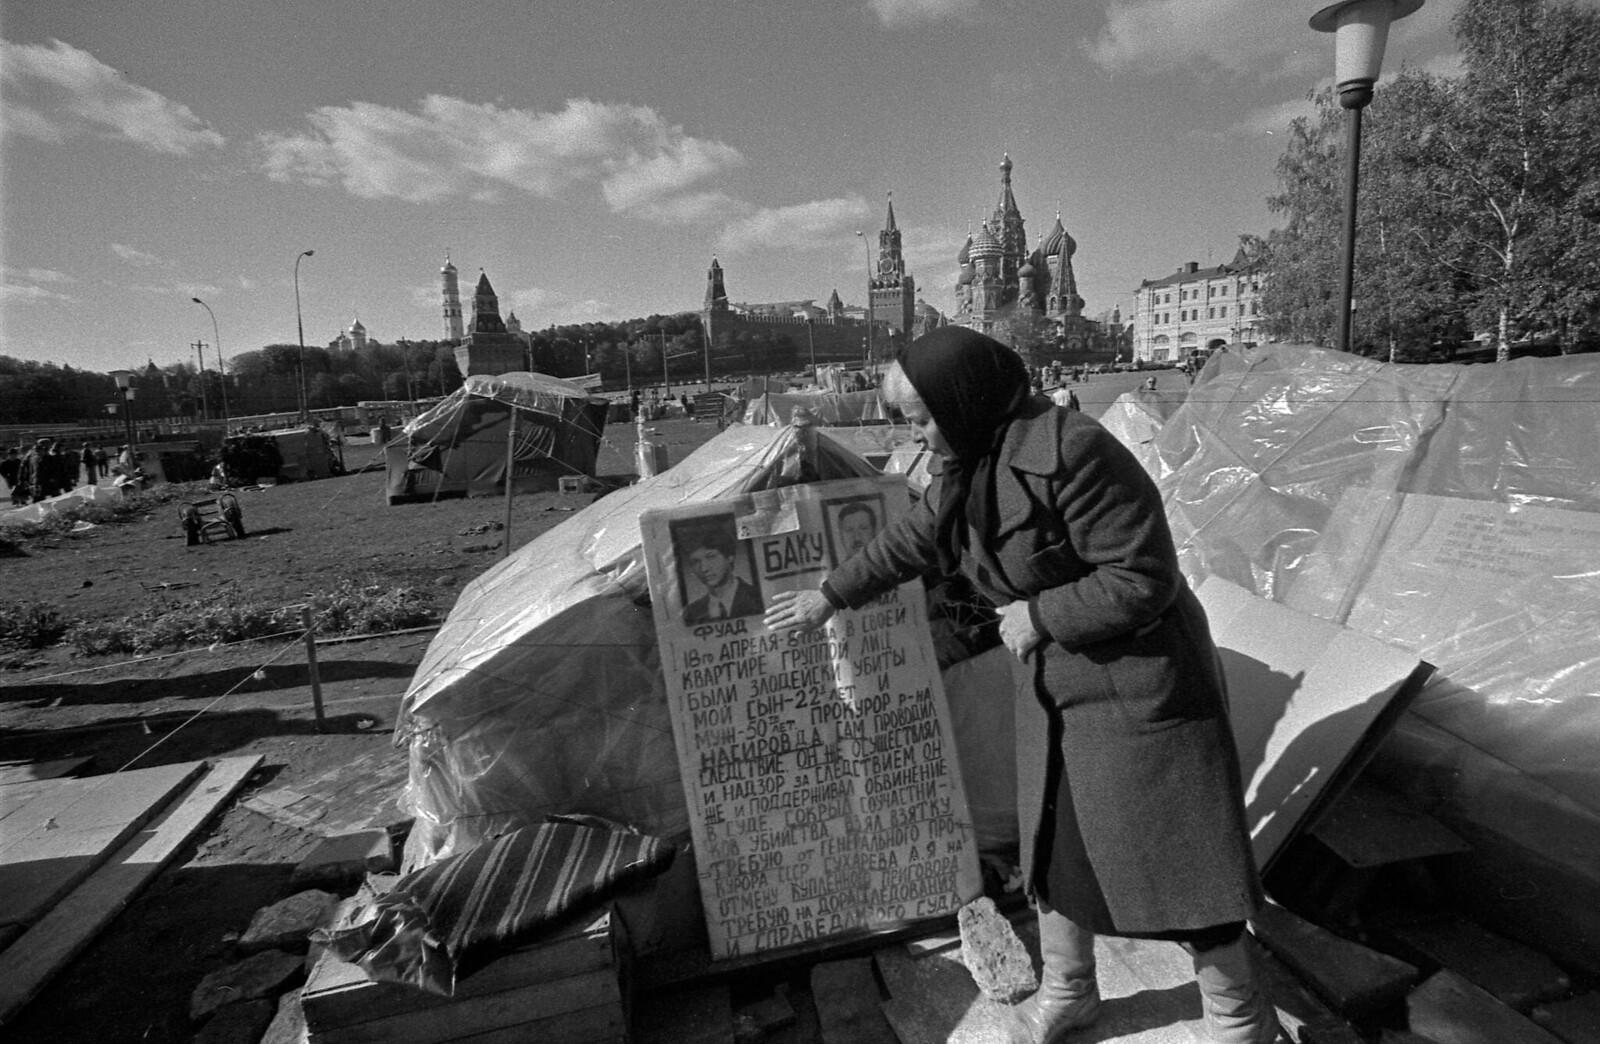 1989. Васильевский спуск, Палаточный городок (5)